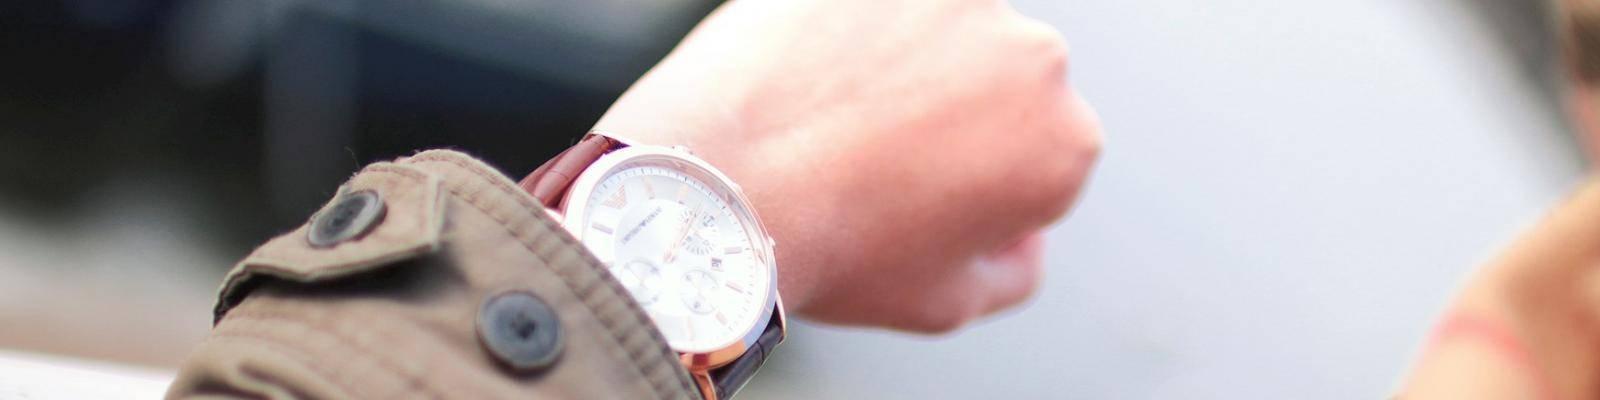 Persoon checkt tijd op horloge